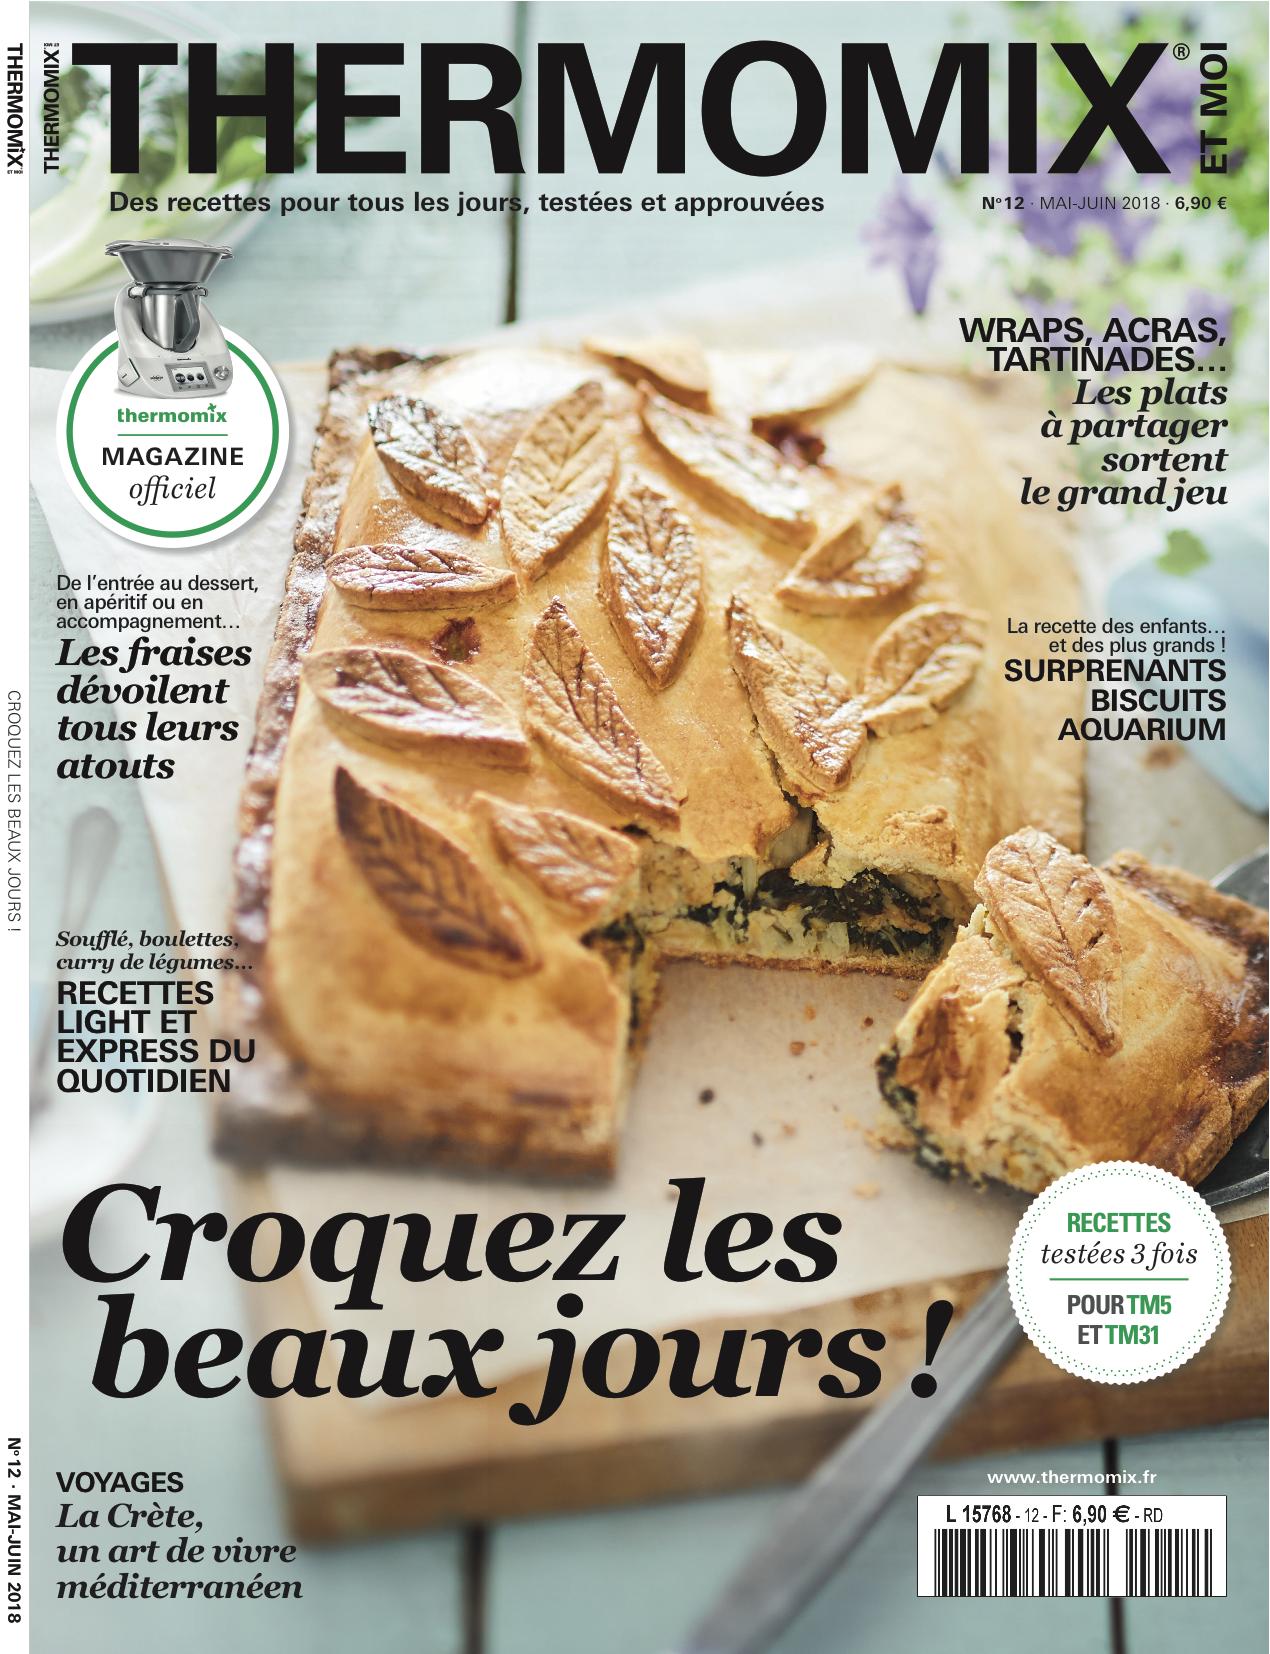 Thermomix Cuisiner Pour 6 Et Plus blog - parution thermomix